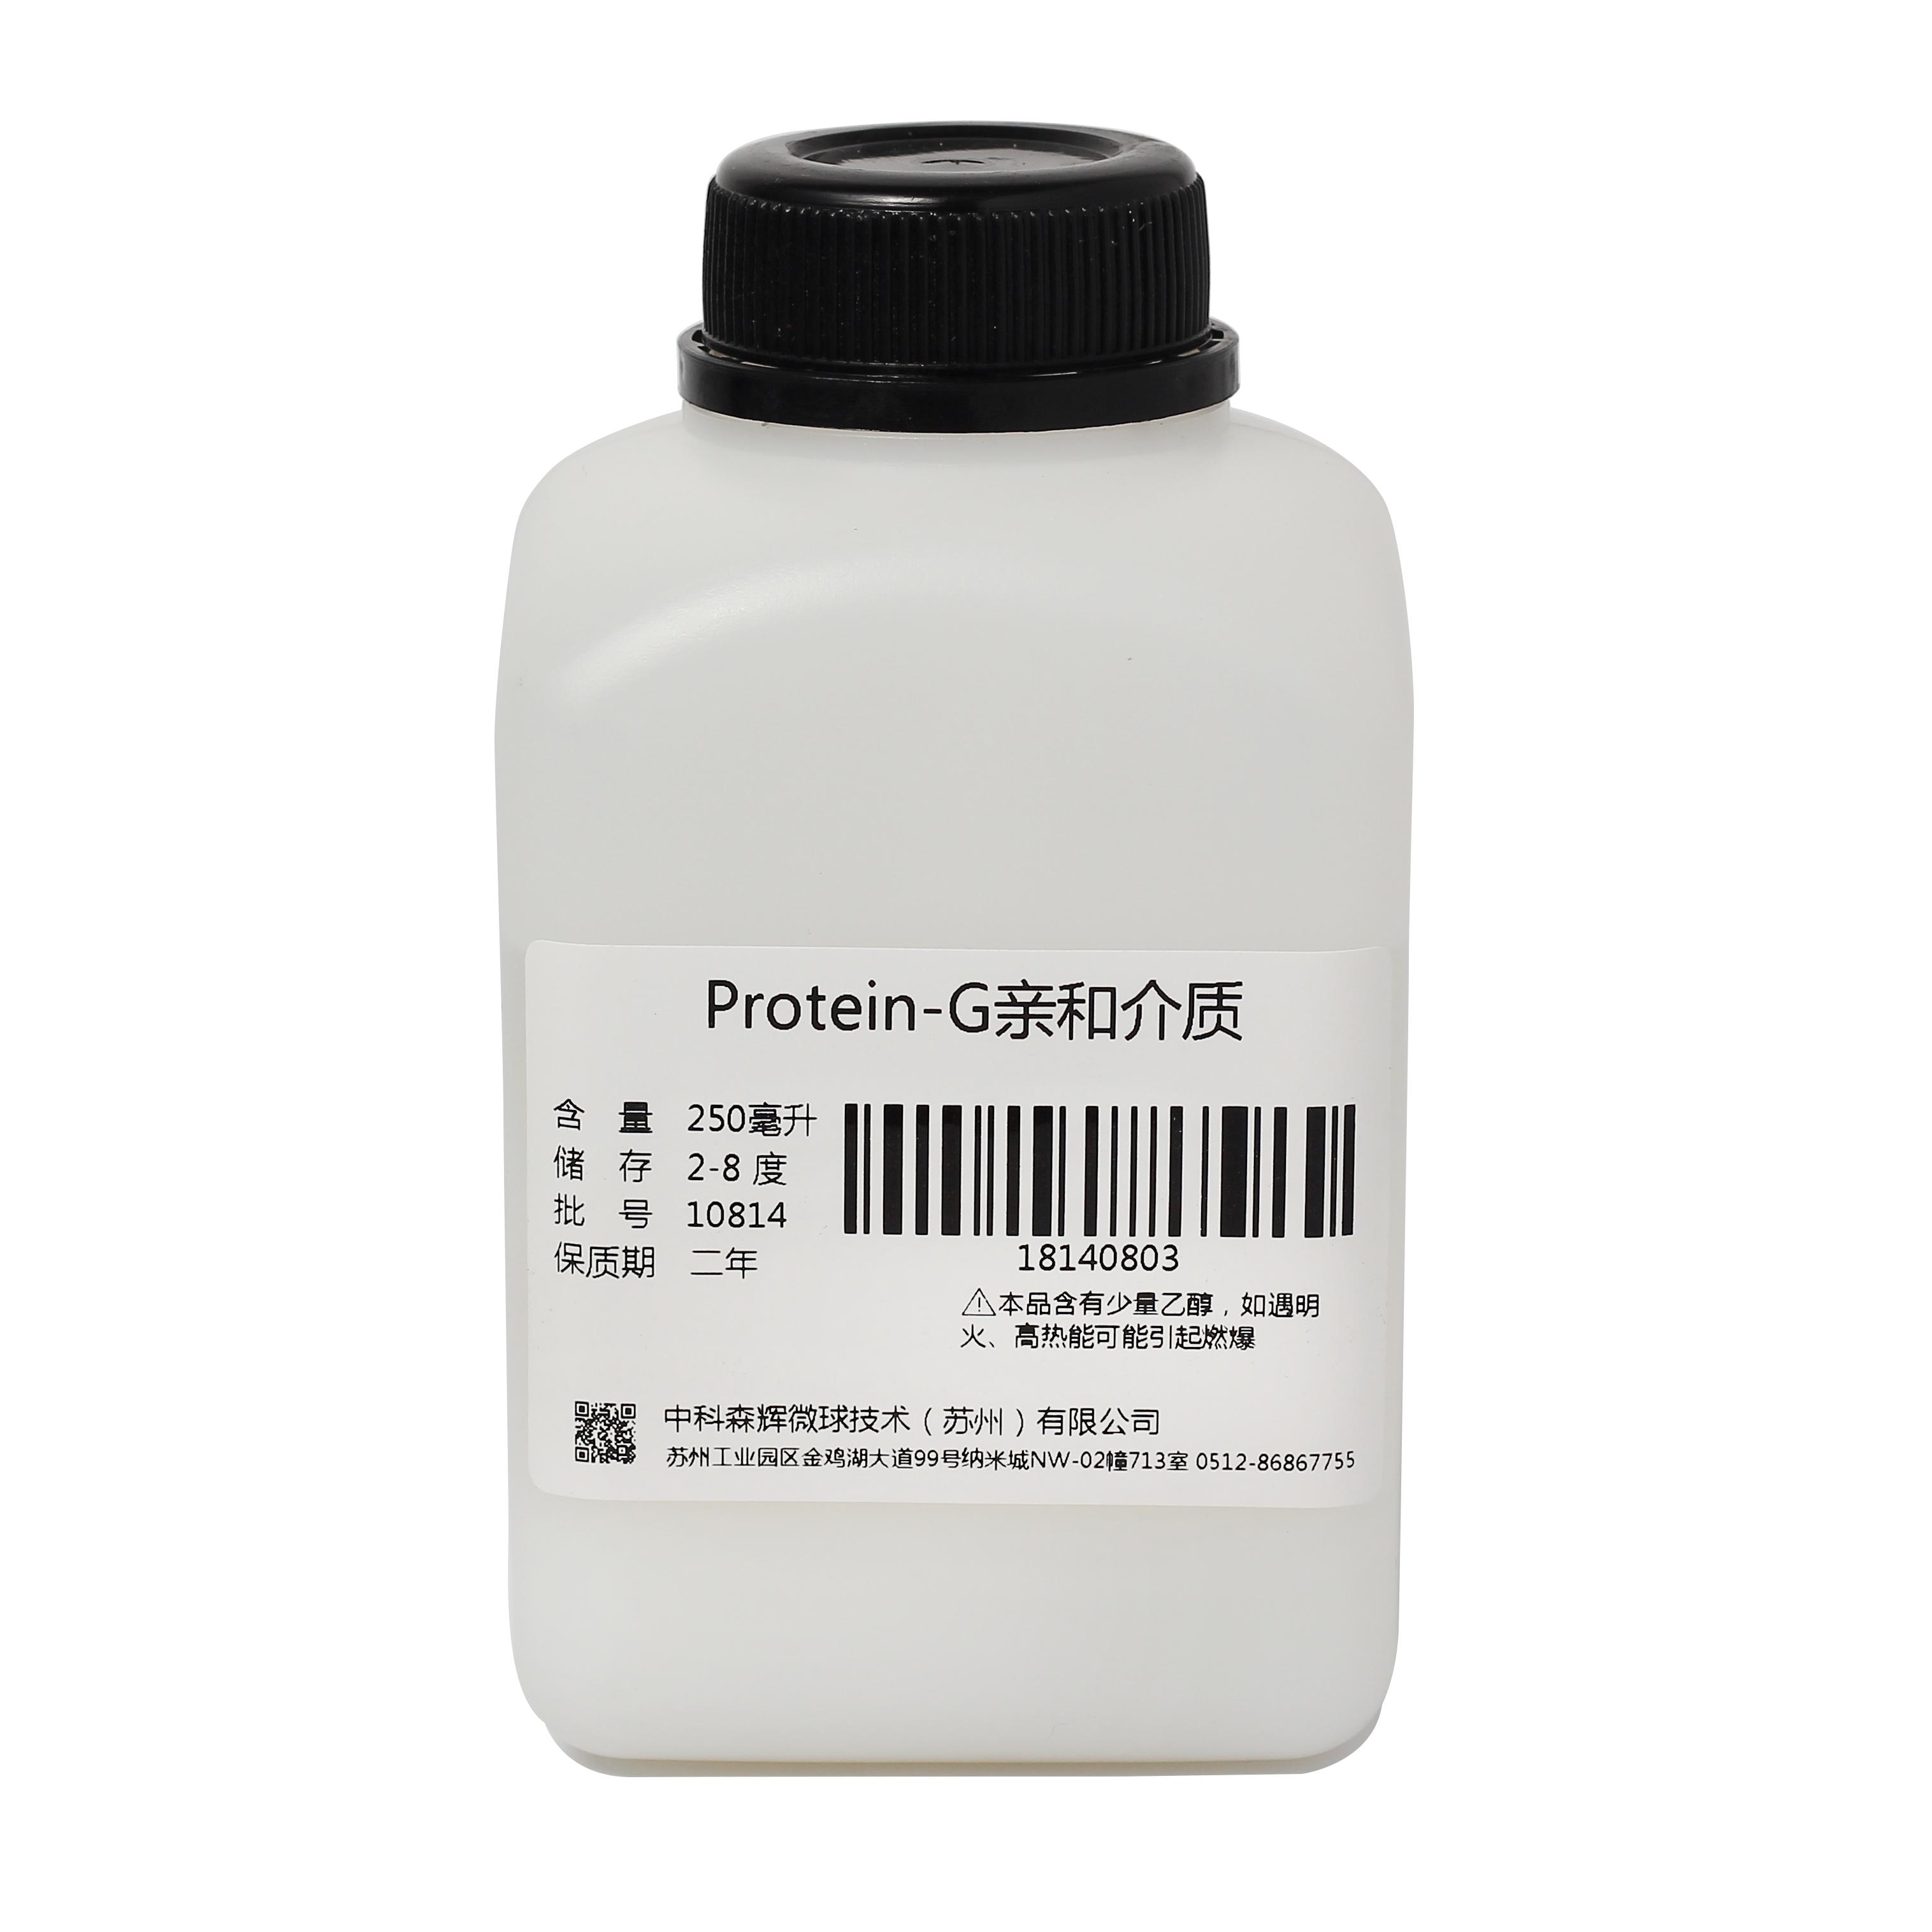 抗体纯化--琼脂糖亲和层析介质(protein G)